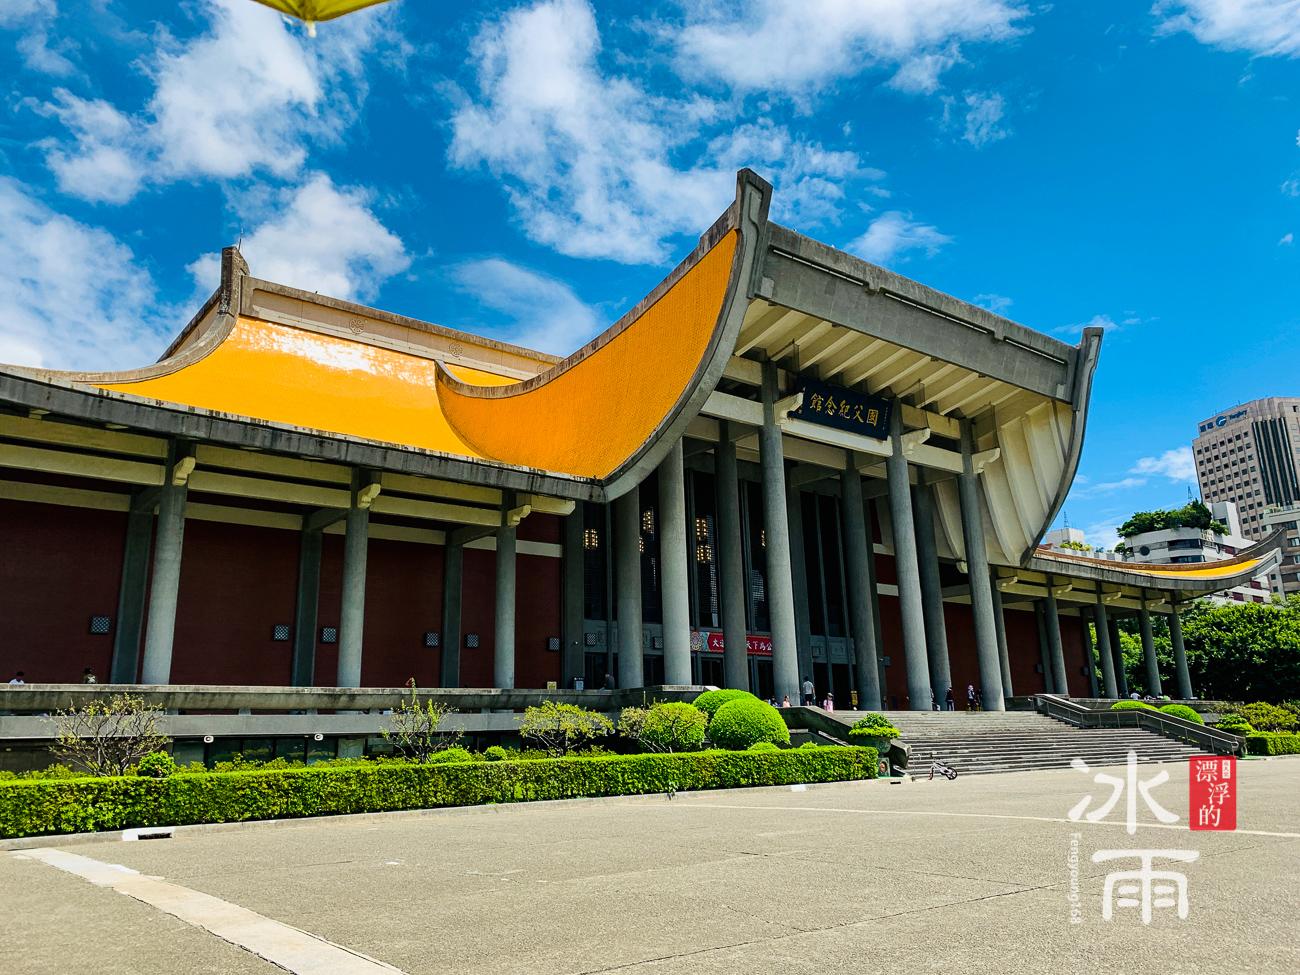 國父紀念館|信義區周邊景點